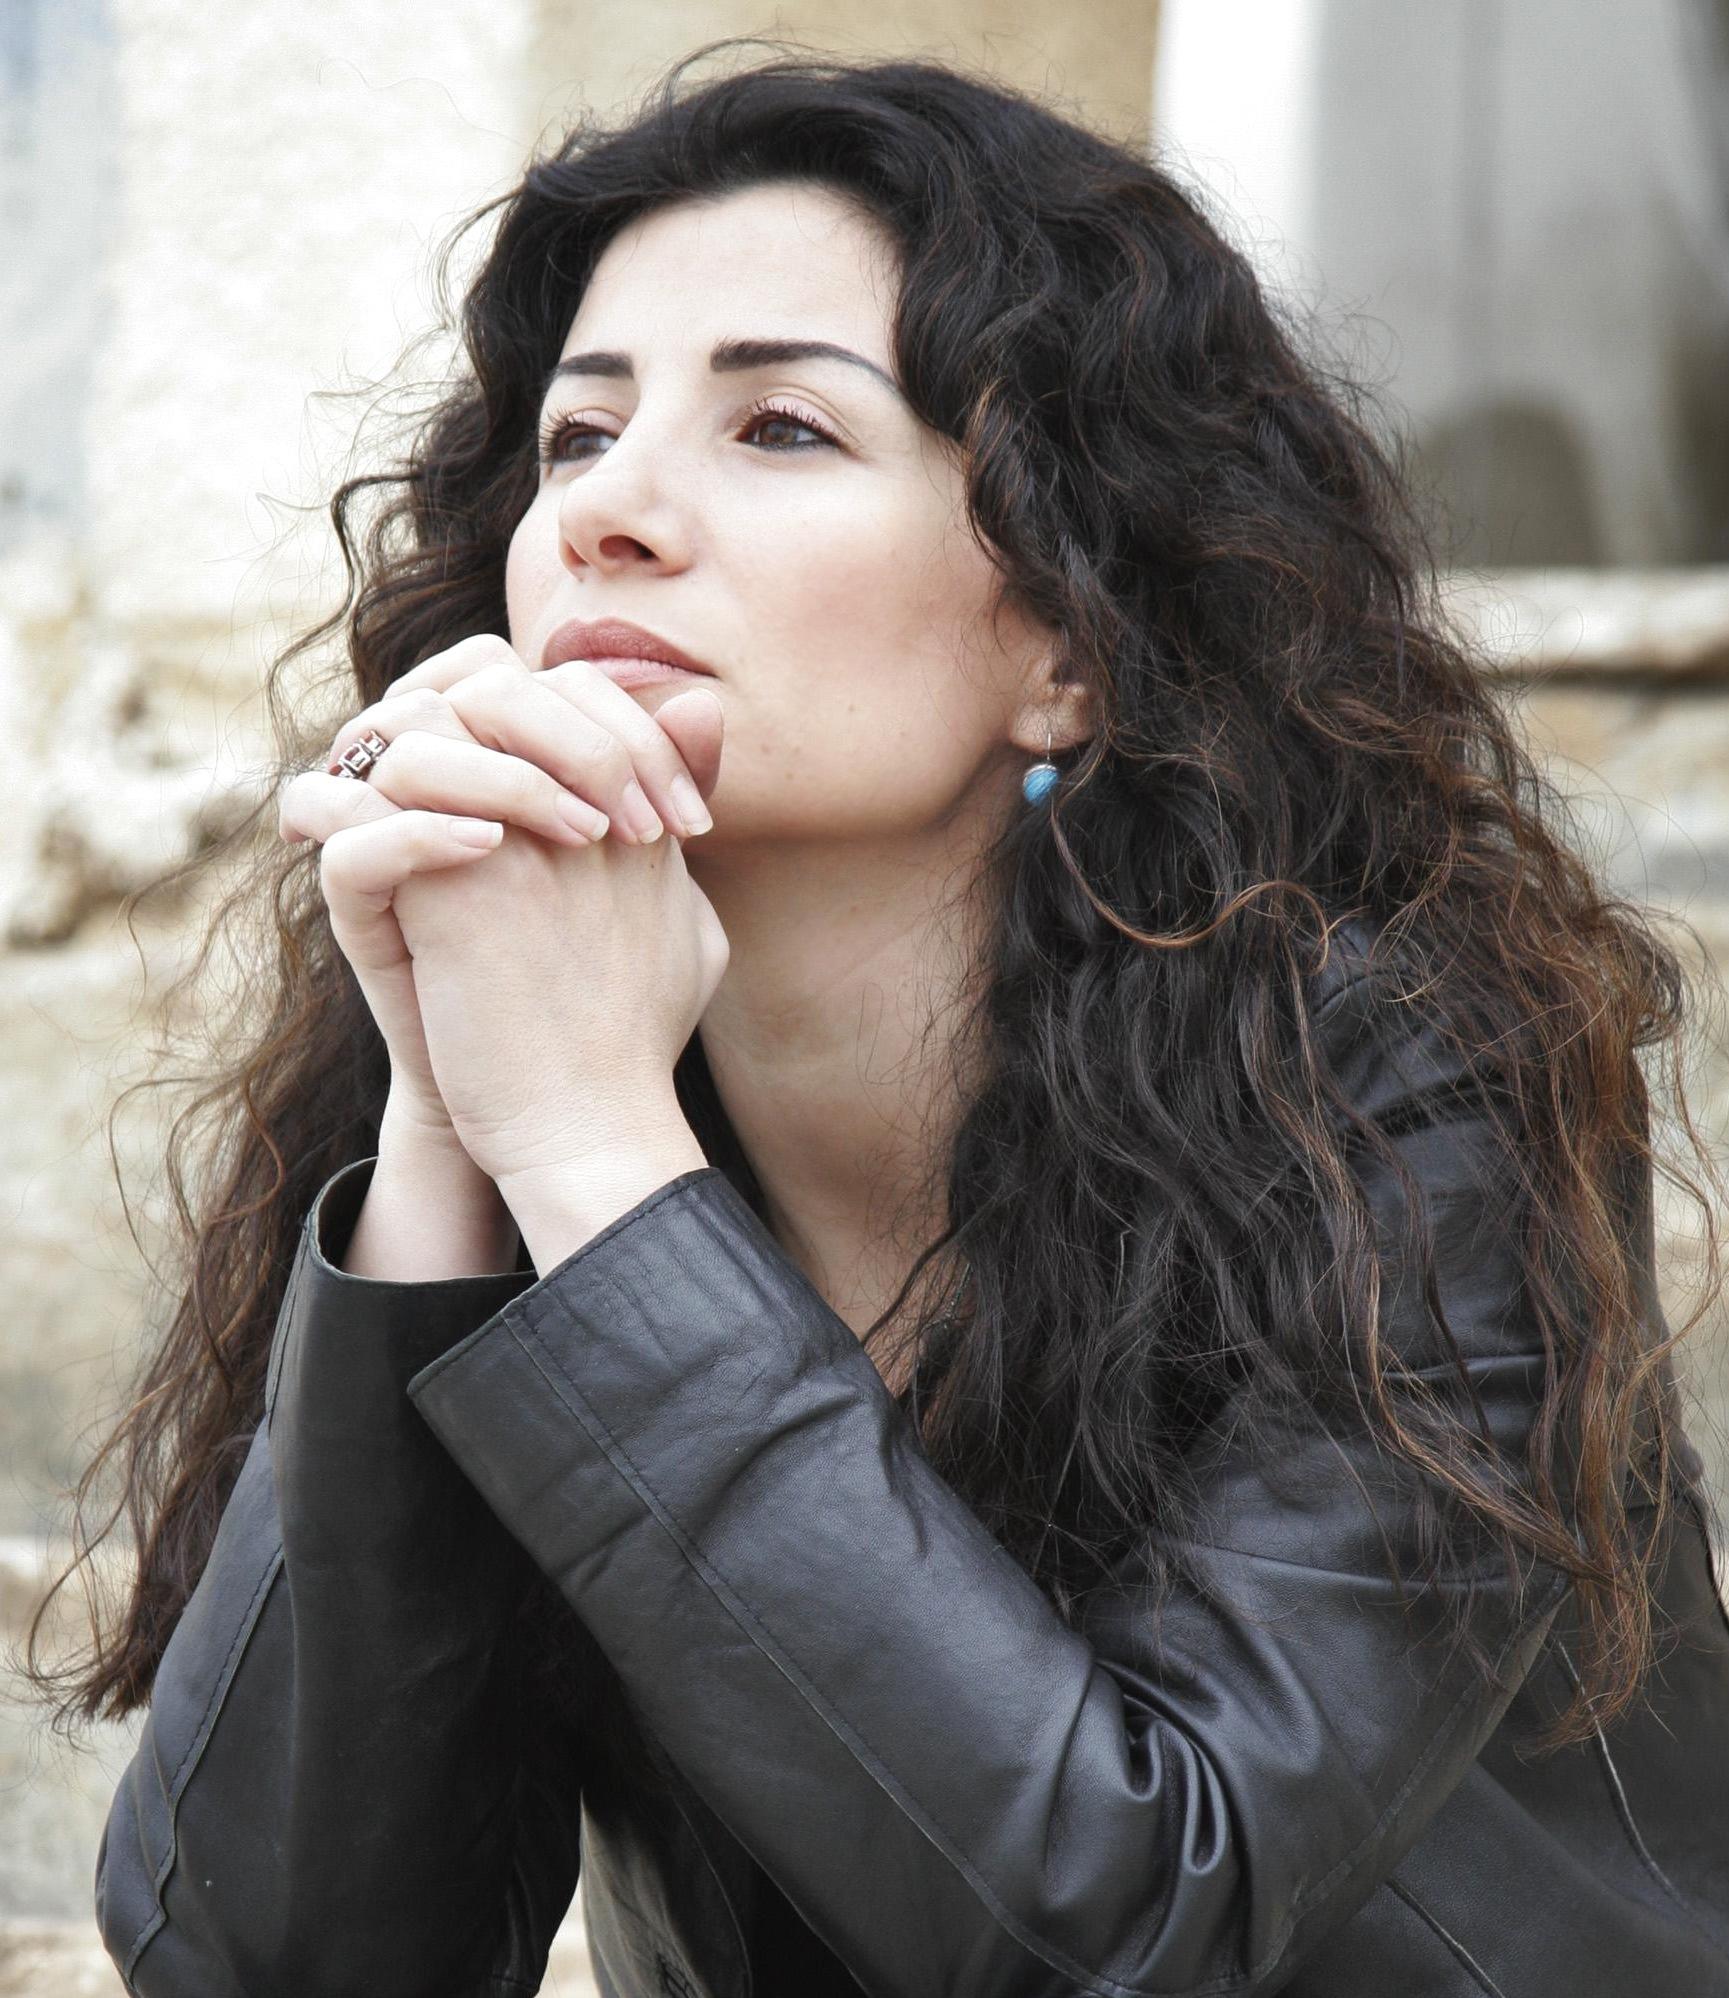 Lebanese women having sex